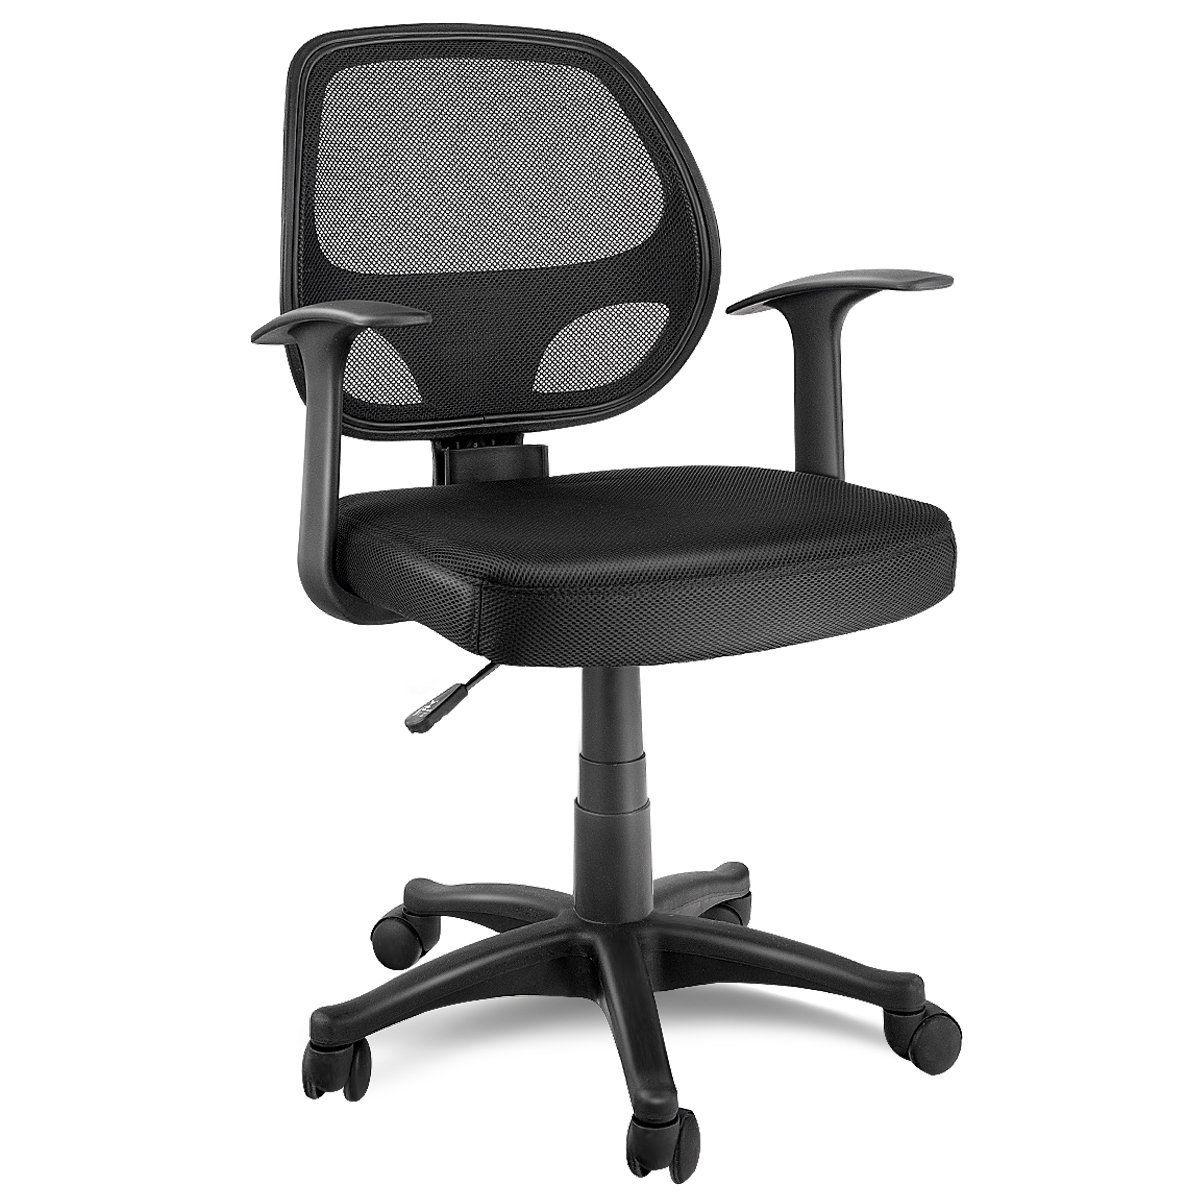 Nouvelle chaise de travail Durable réglable ergonomique de bureau d'ordinateur de pivot de maille